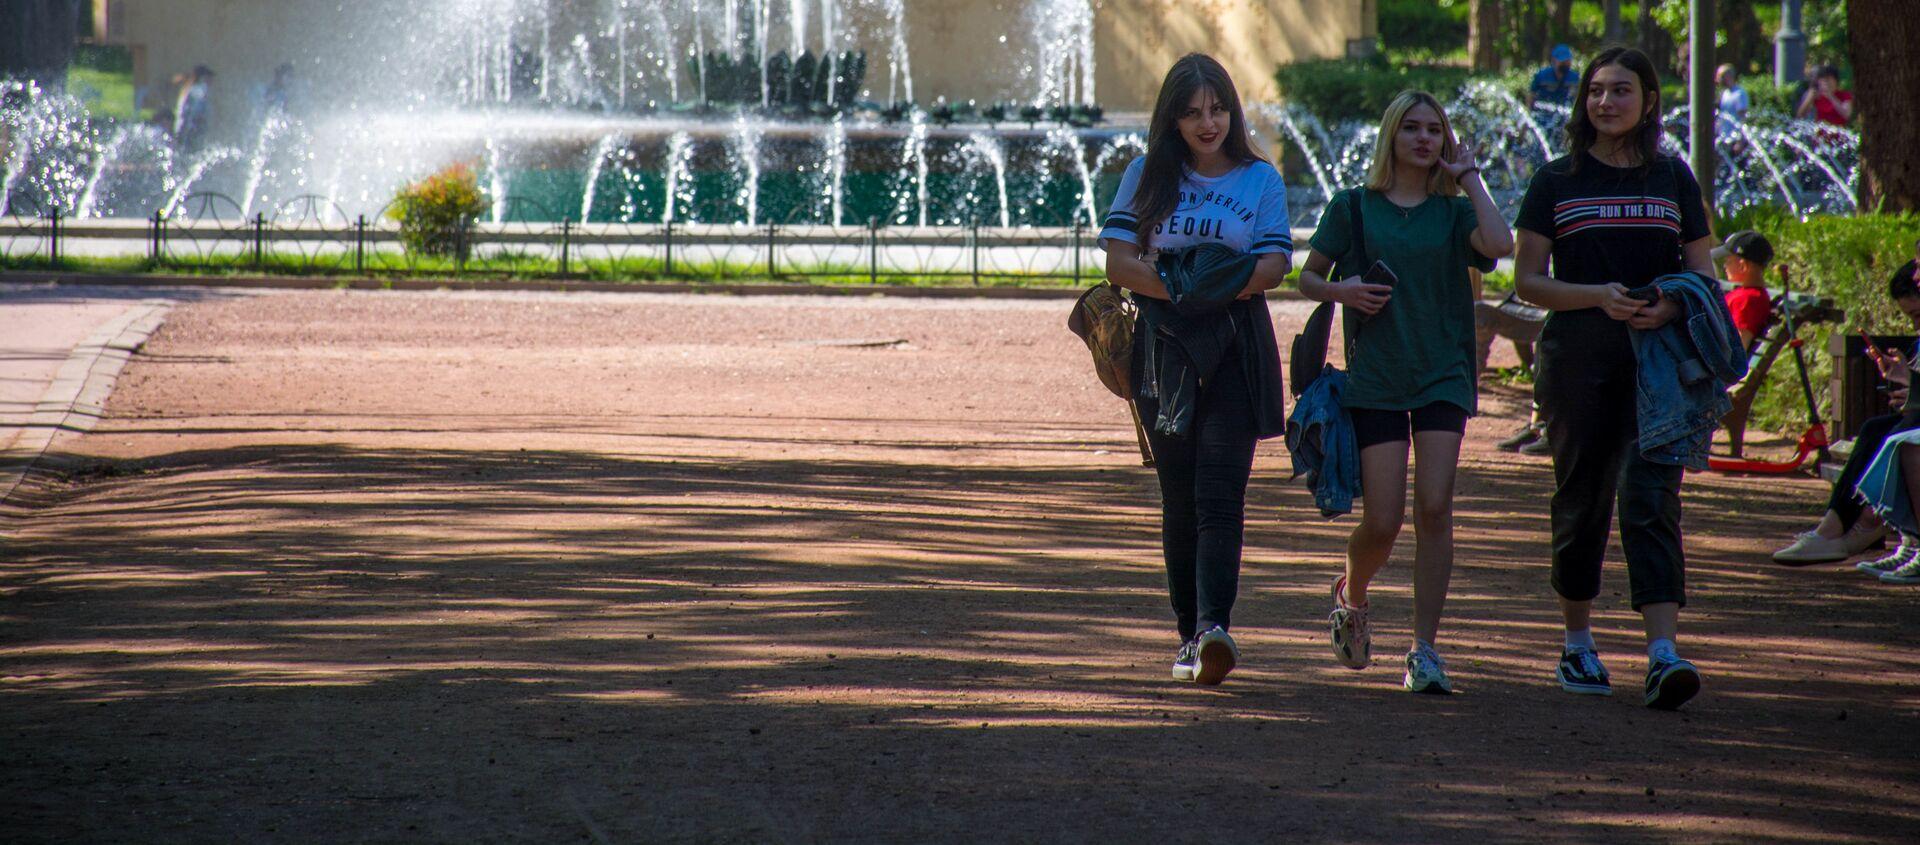 Весна в столице Грузии. Парк Ваке. Девушки идут по дорожке - Sputnik Грузия, 1920, 26.08.2020